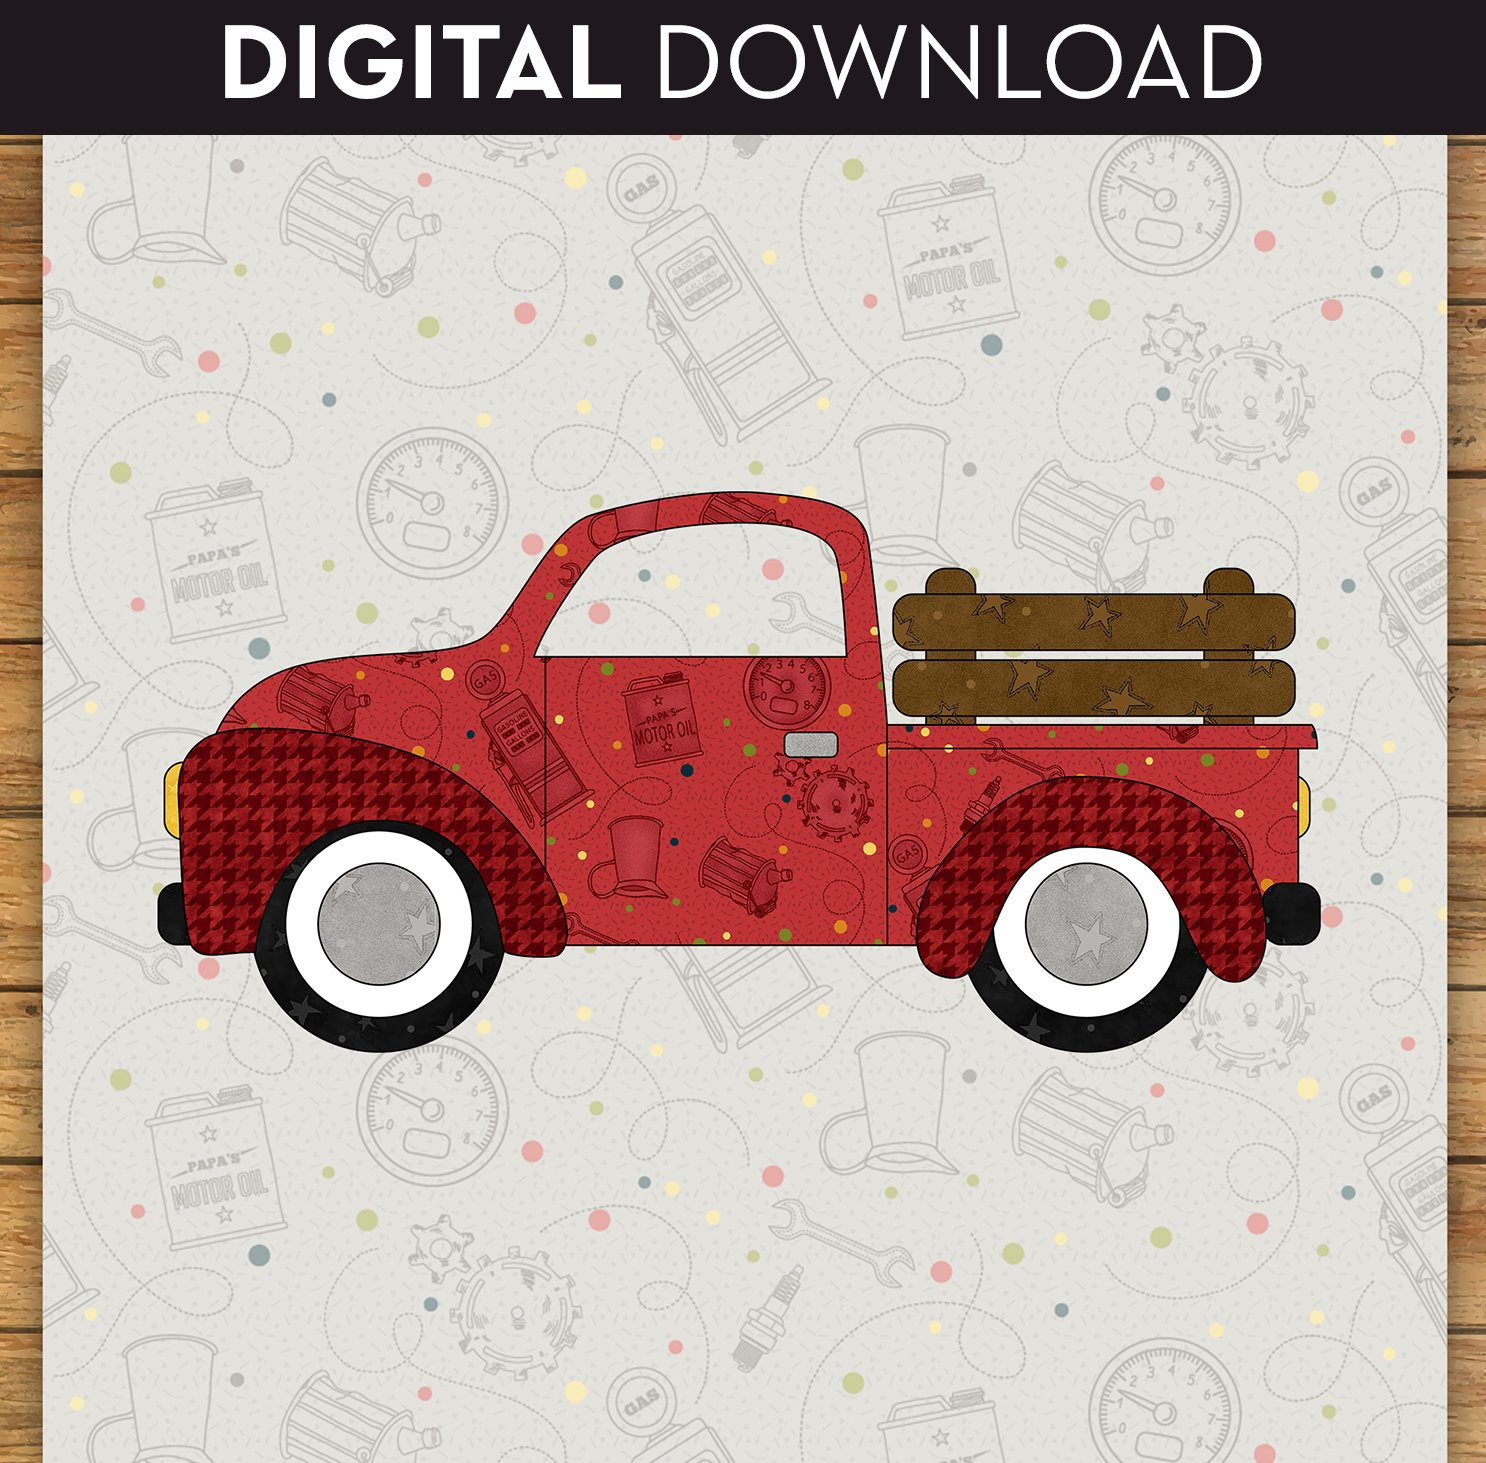 Farm Truck - Download